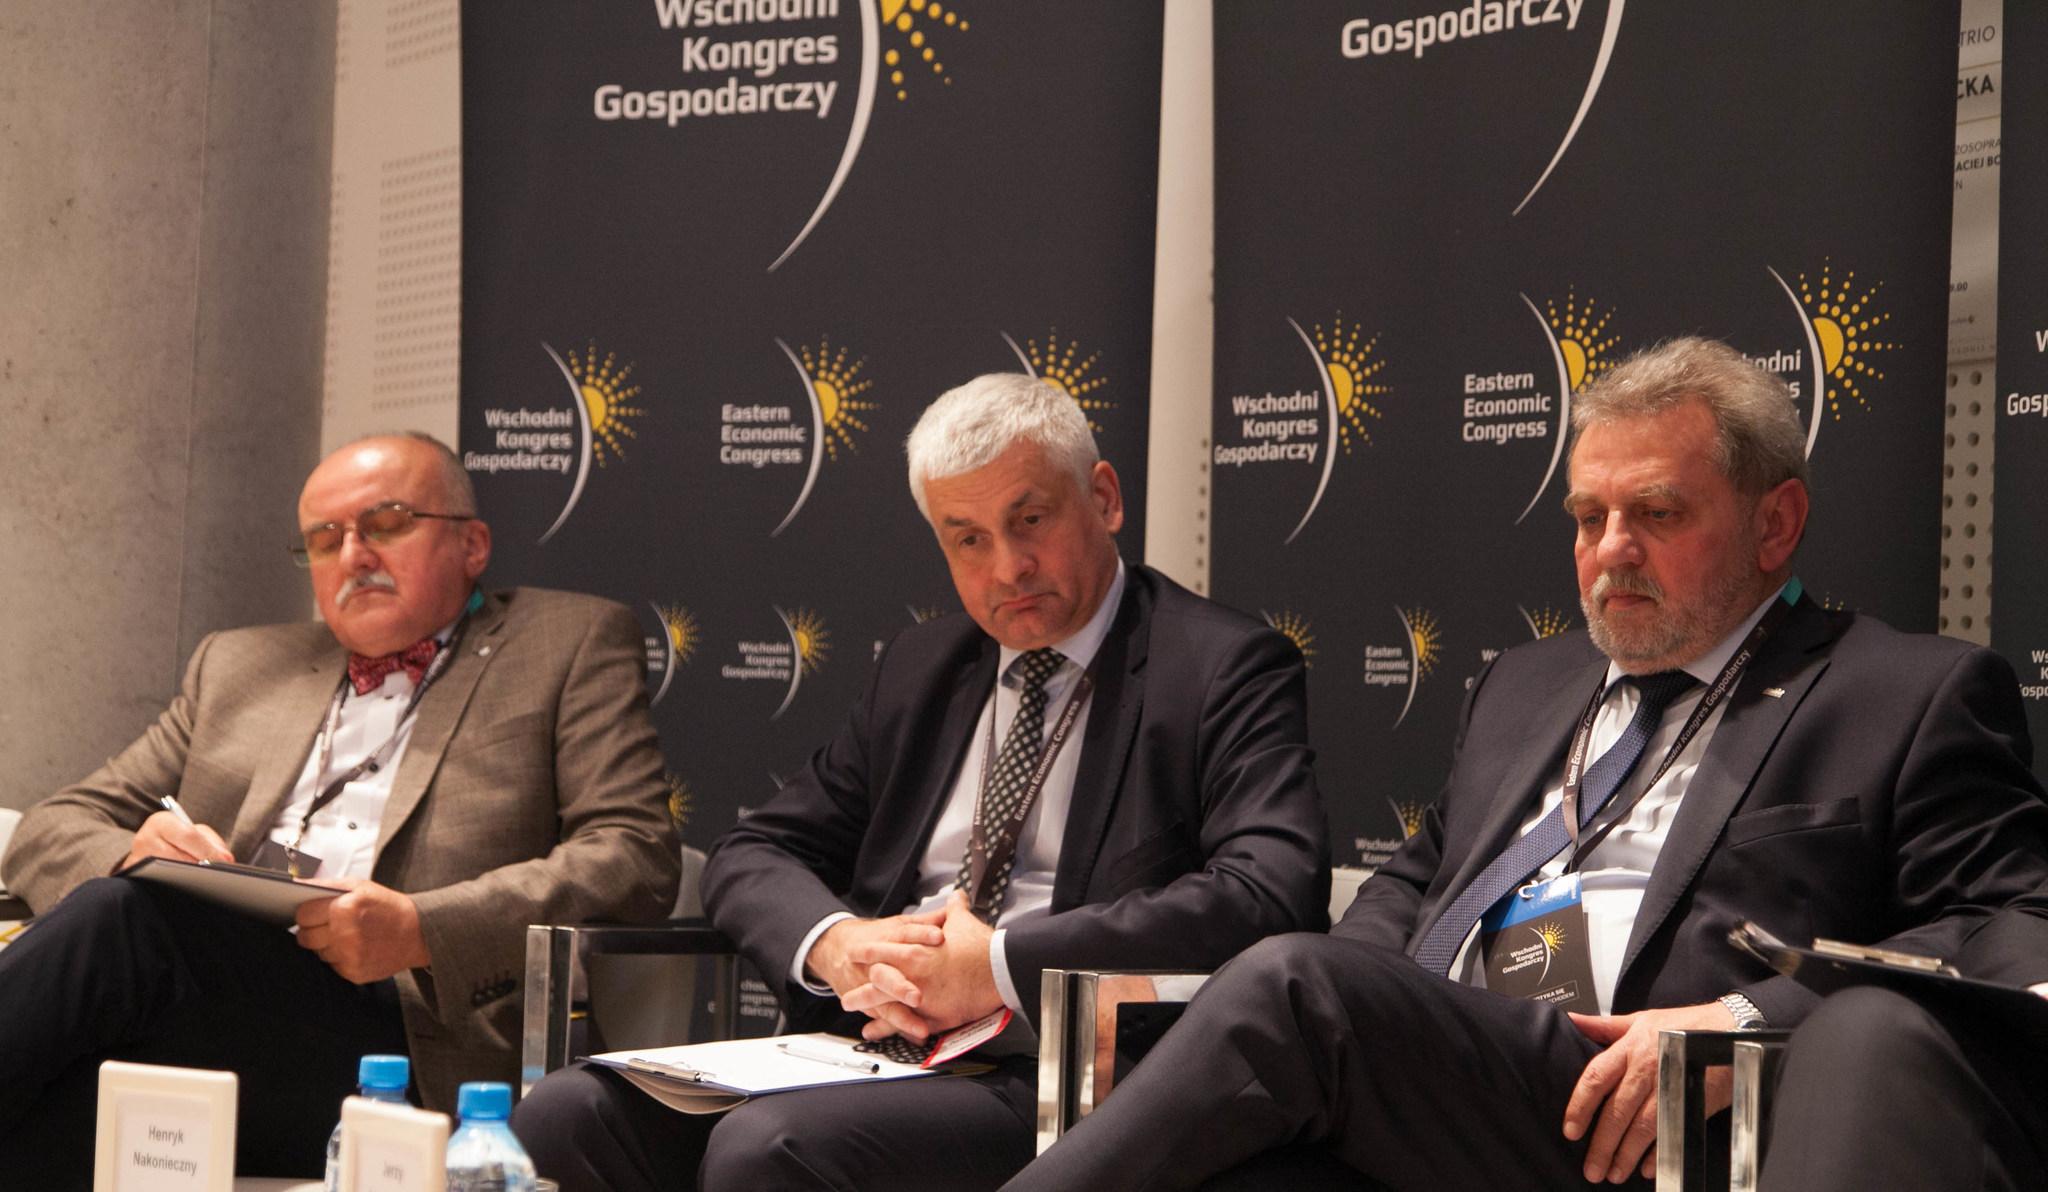 Od lewej: Waldemar Pędziński, Bohdan Paszkowski i Henryk Nakonieczny (fot. AR / PTWP)